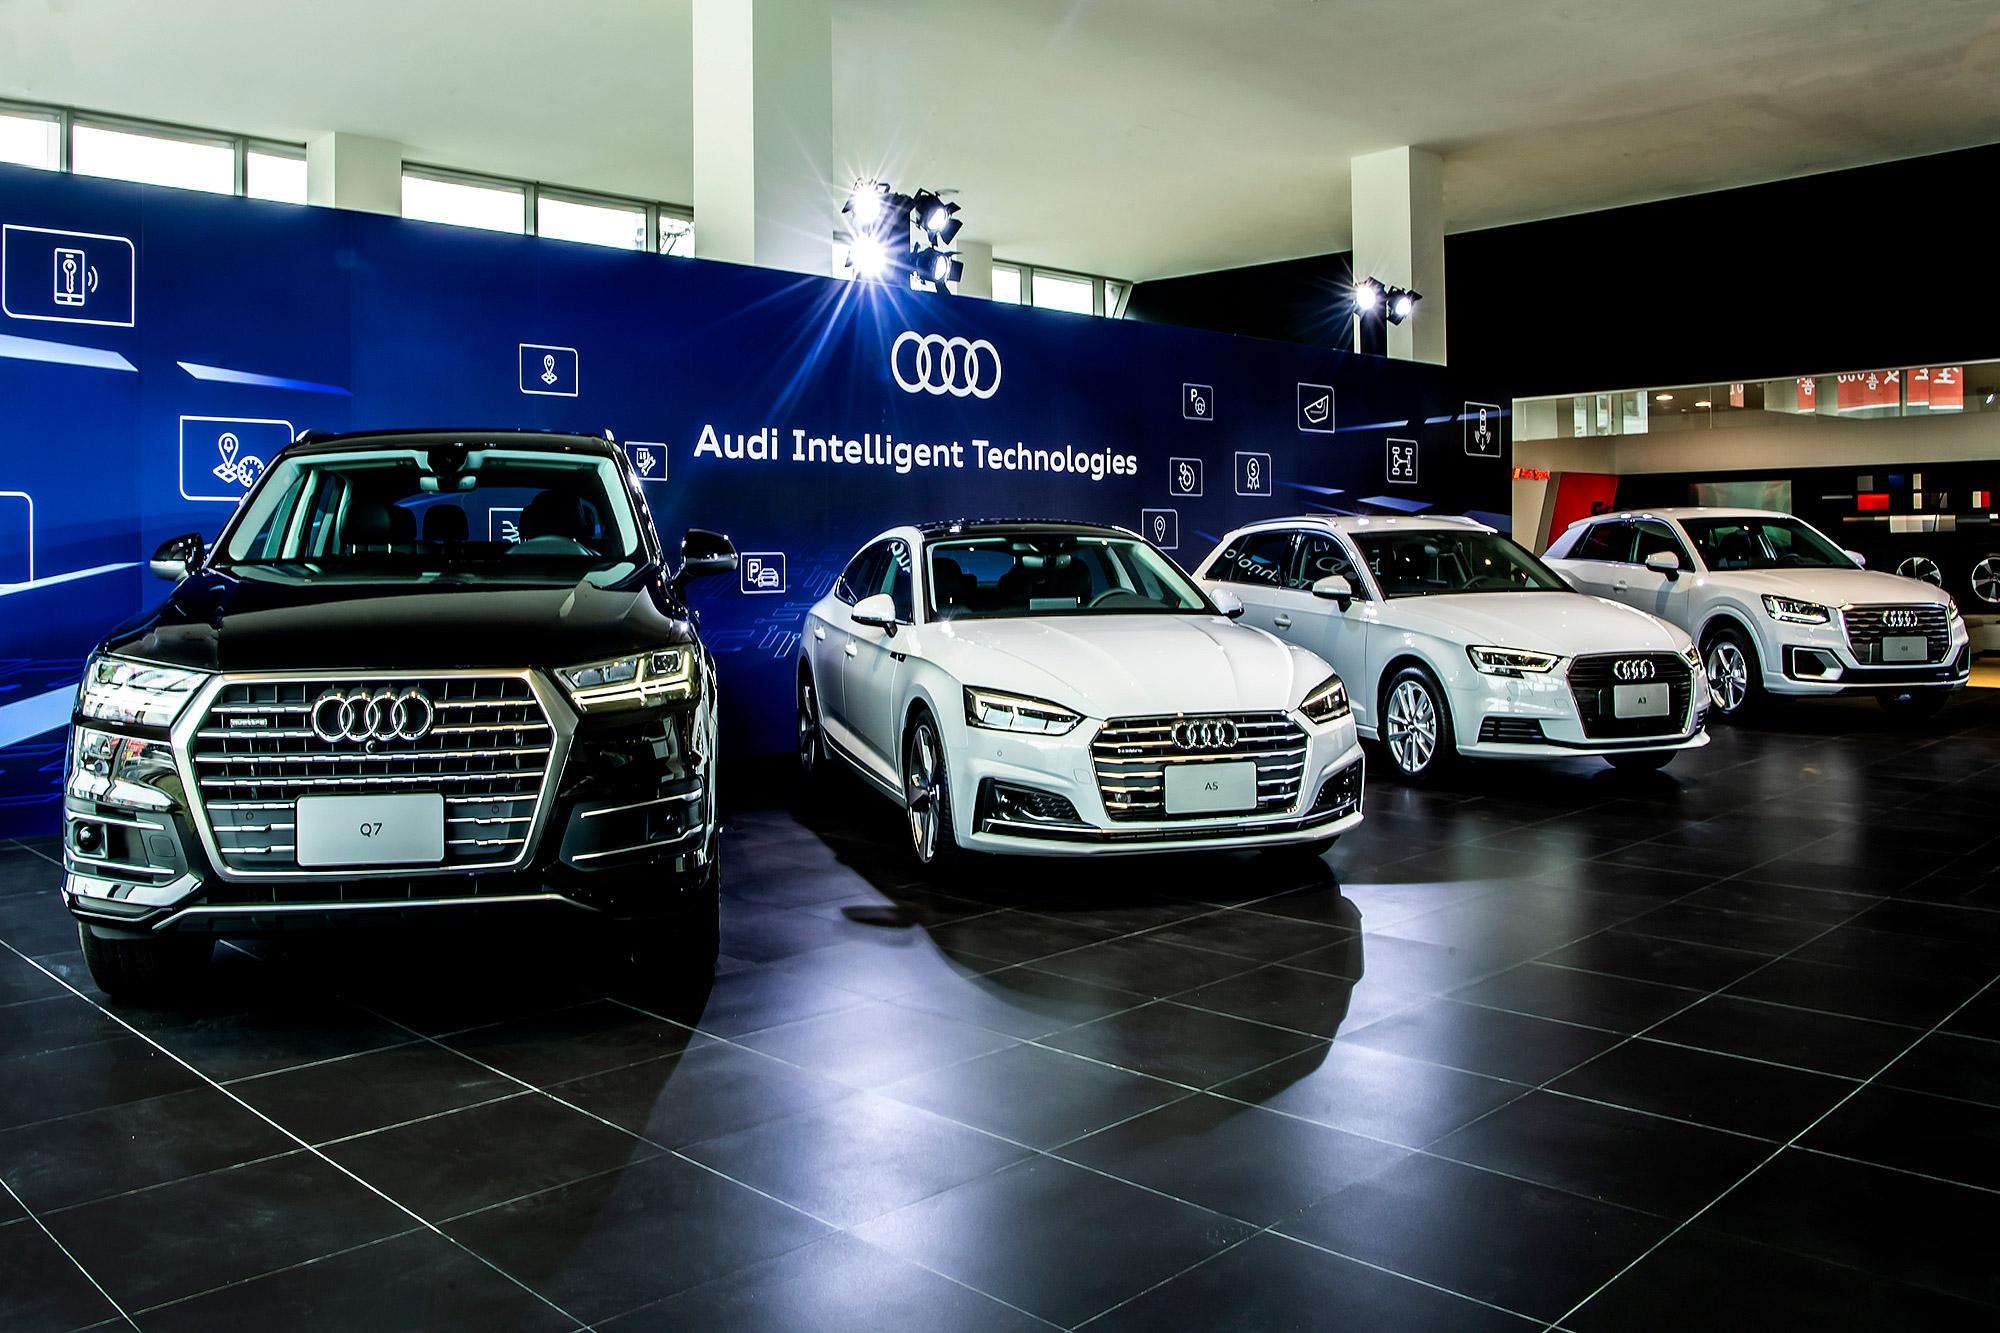 Audi Taiwan 曾藉由 2019 年式車型導入的機會,大幅度為旗下車款提升 ADAS 先進駕駛輔助系統的配備水準。